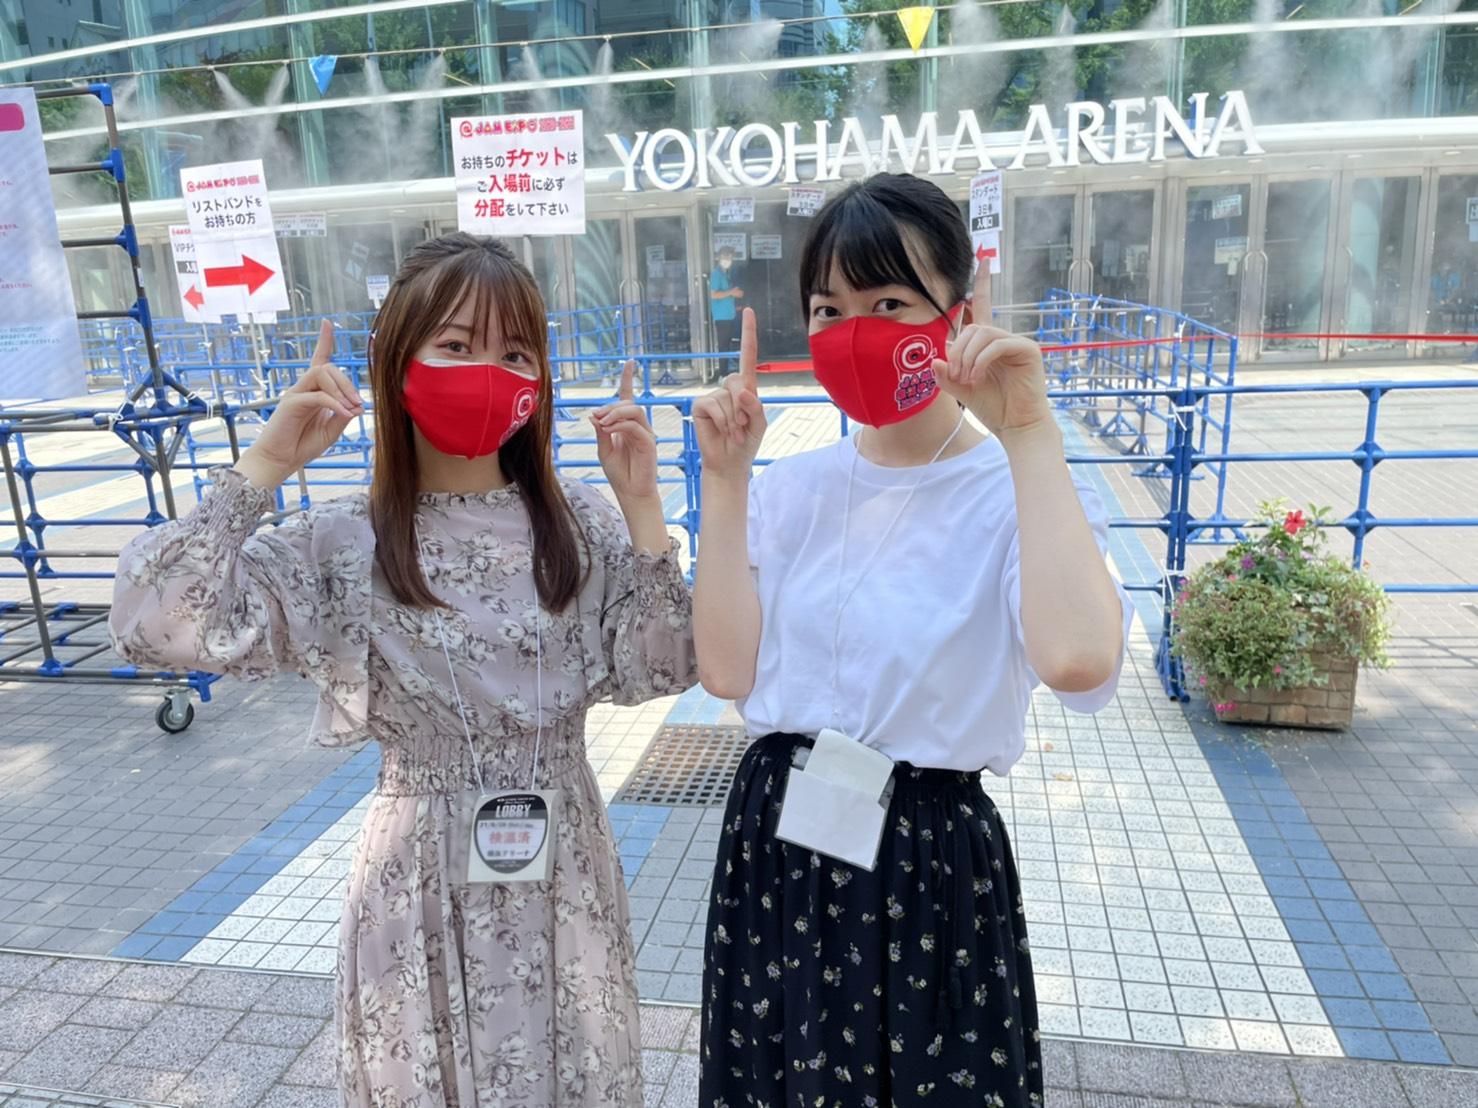 川上理子(京都女子大学)ACTRESS PRESS REPORTER